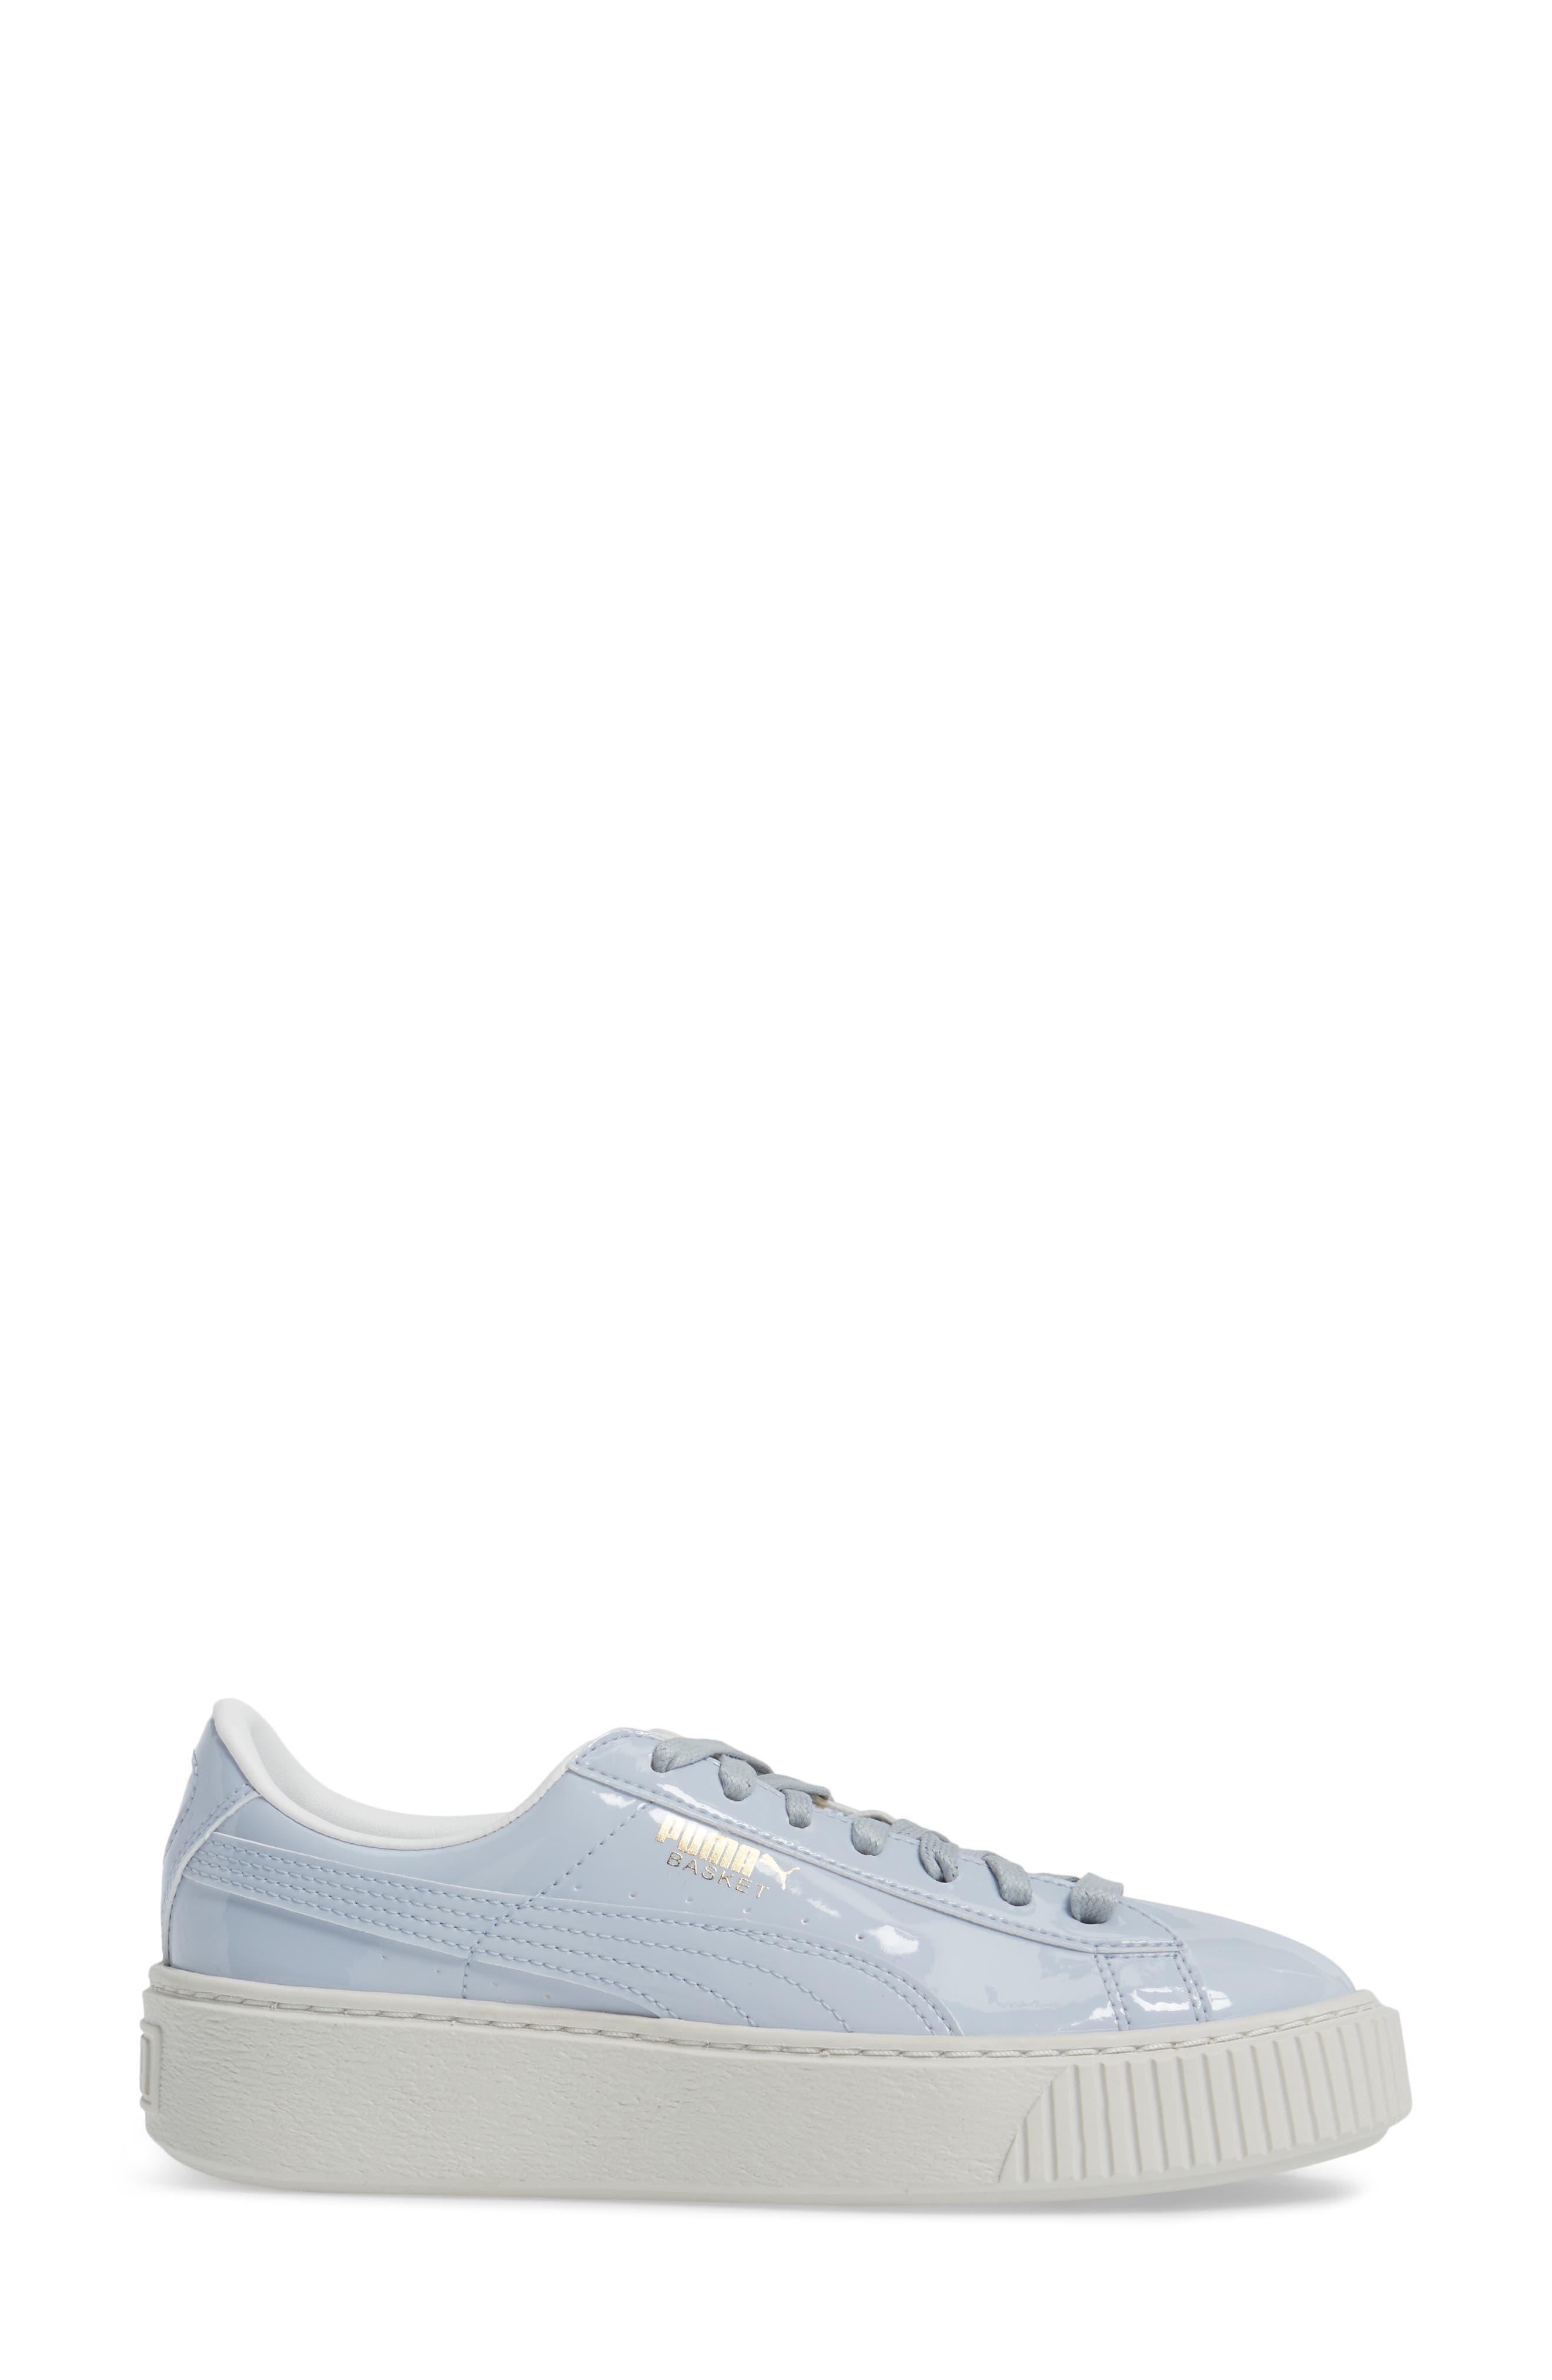 Basket Platform Sneaker,                             Alternate thumbnail 3, color,                             Halogen Blue/ Halogen Blue